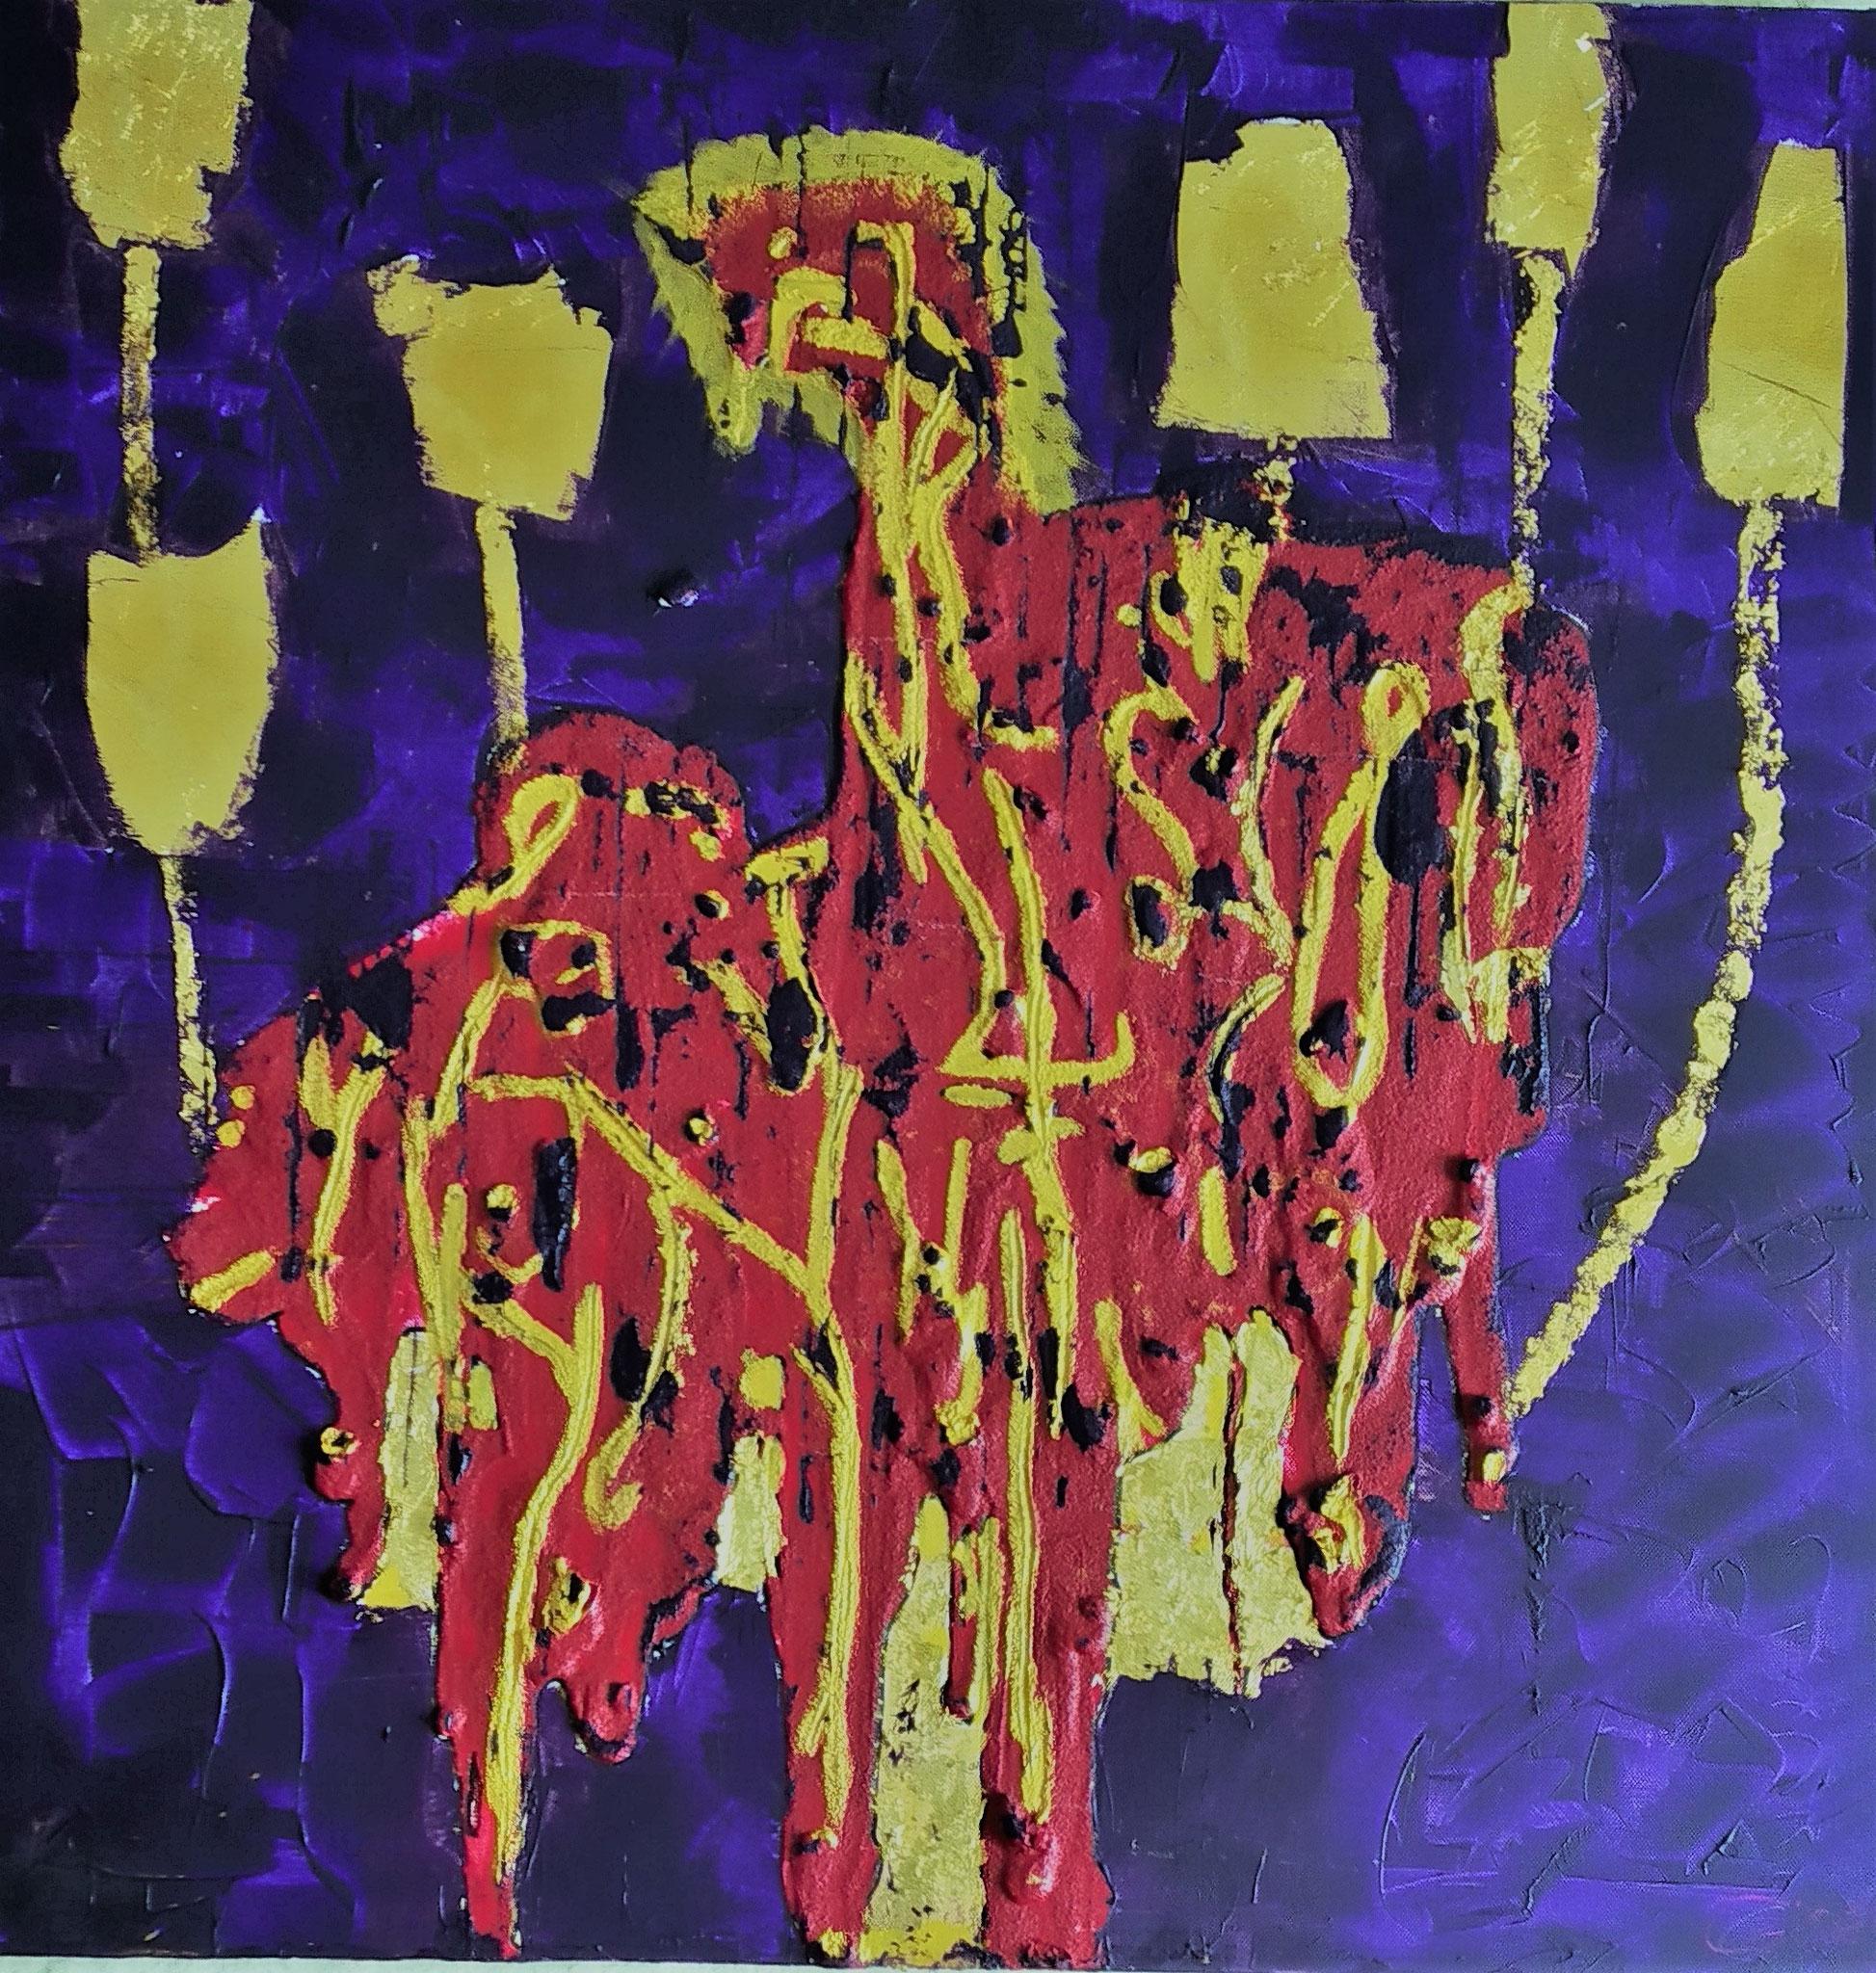 34. Eine Wahl treffen, entscheide dich, welchen Weg wählst Du, Acryl/Blattgold auf Leinwand 80 x 80 cm